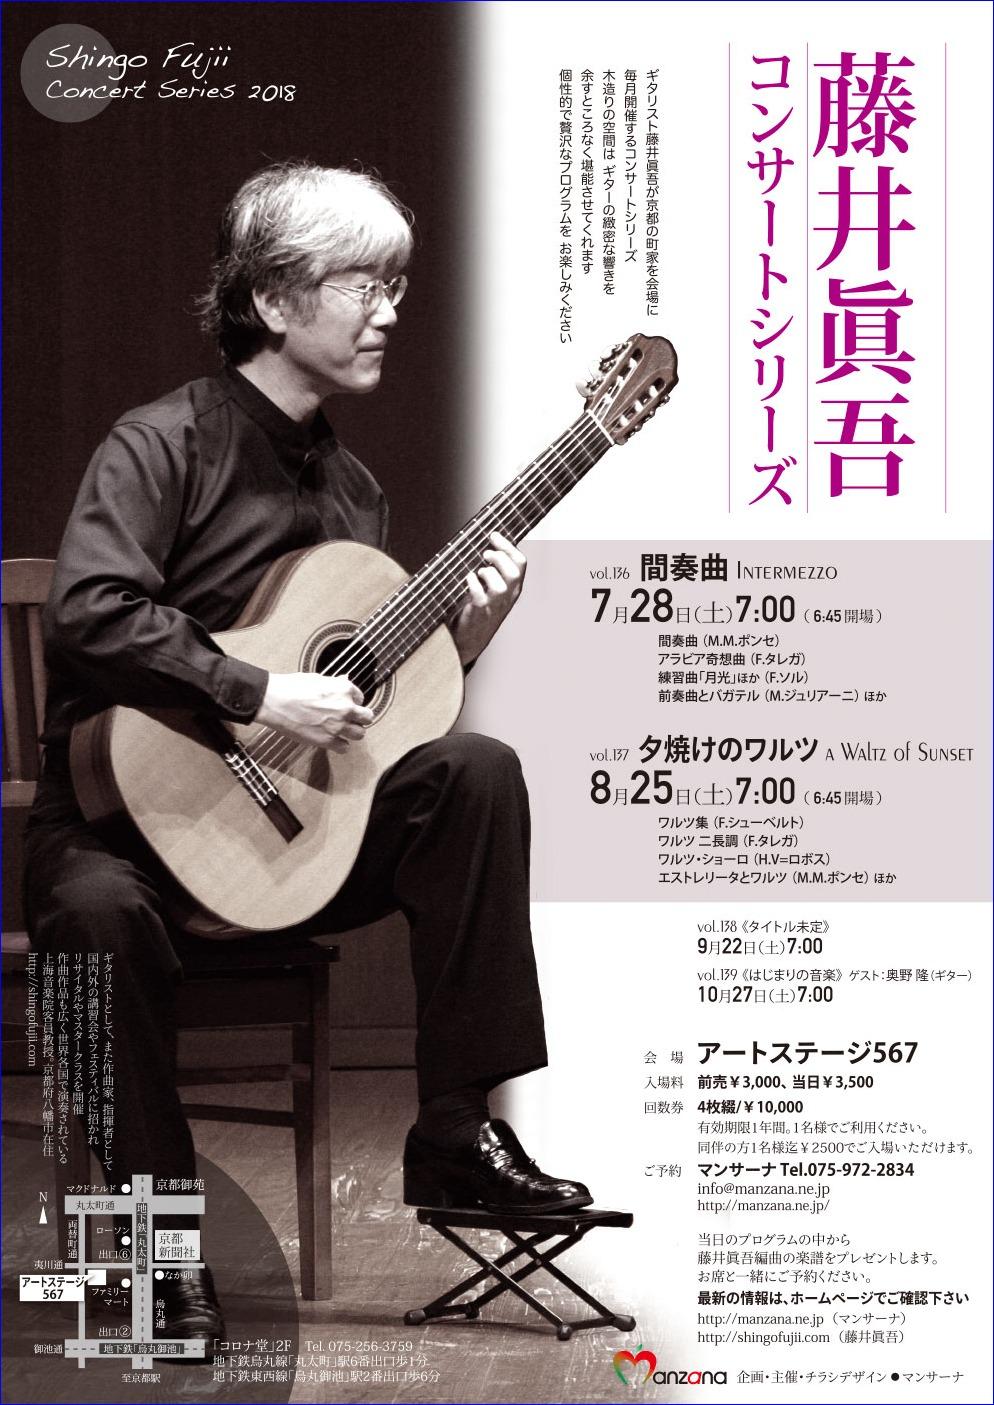 《間奏曲 Intermezzo 》〜藤井眞吾コンサートシリーズ_e0103327_645464.jpg